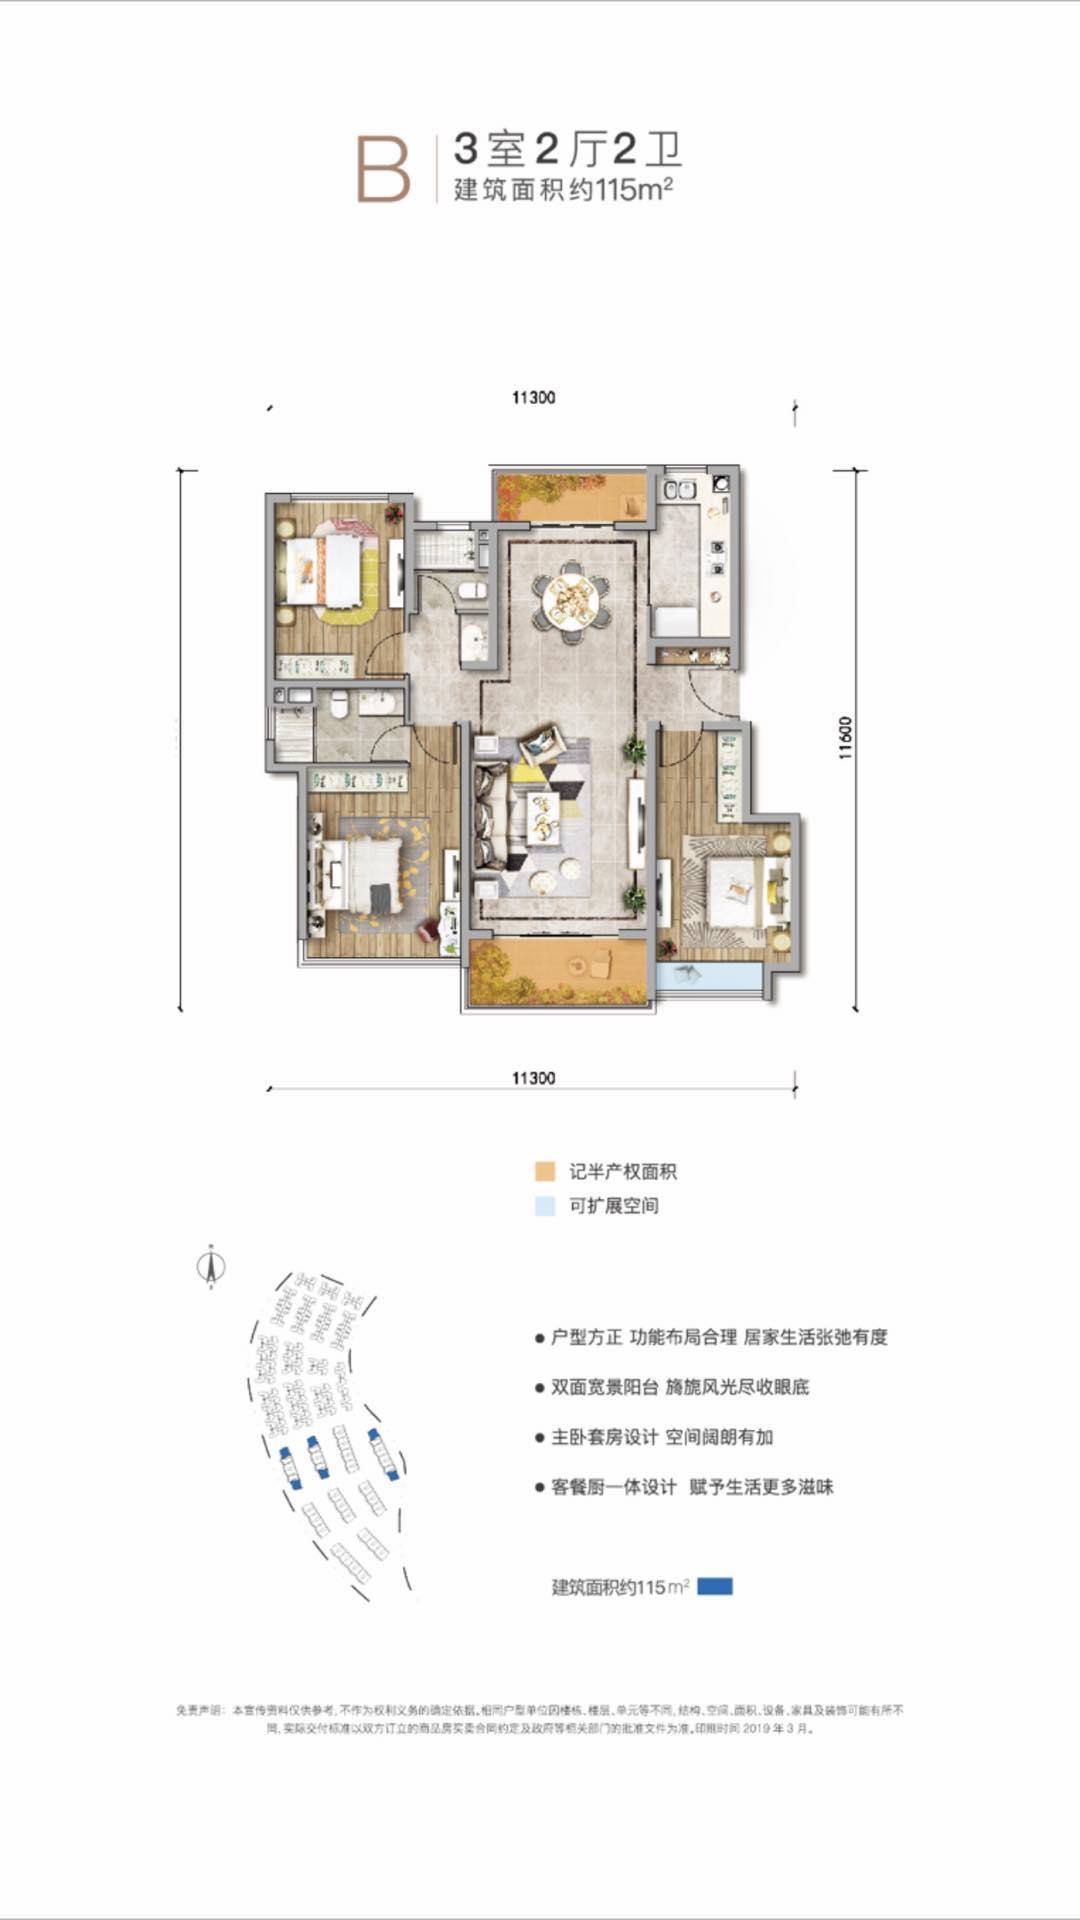 B 3室2厅2卫 建面:115㎡